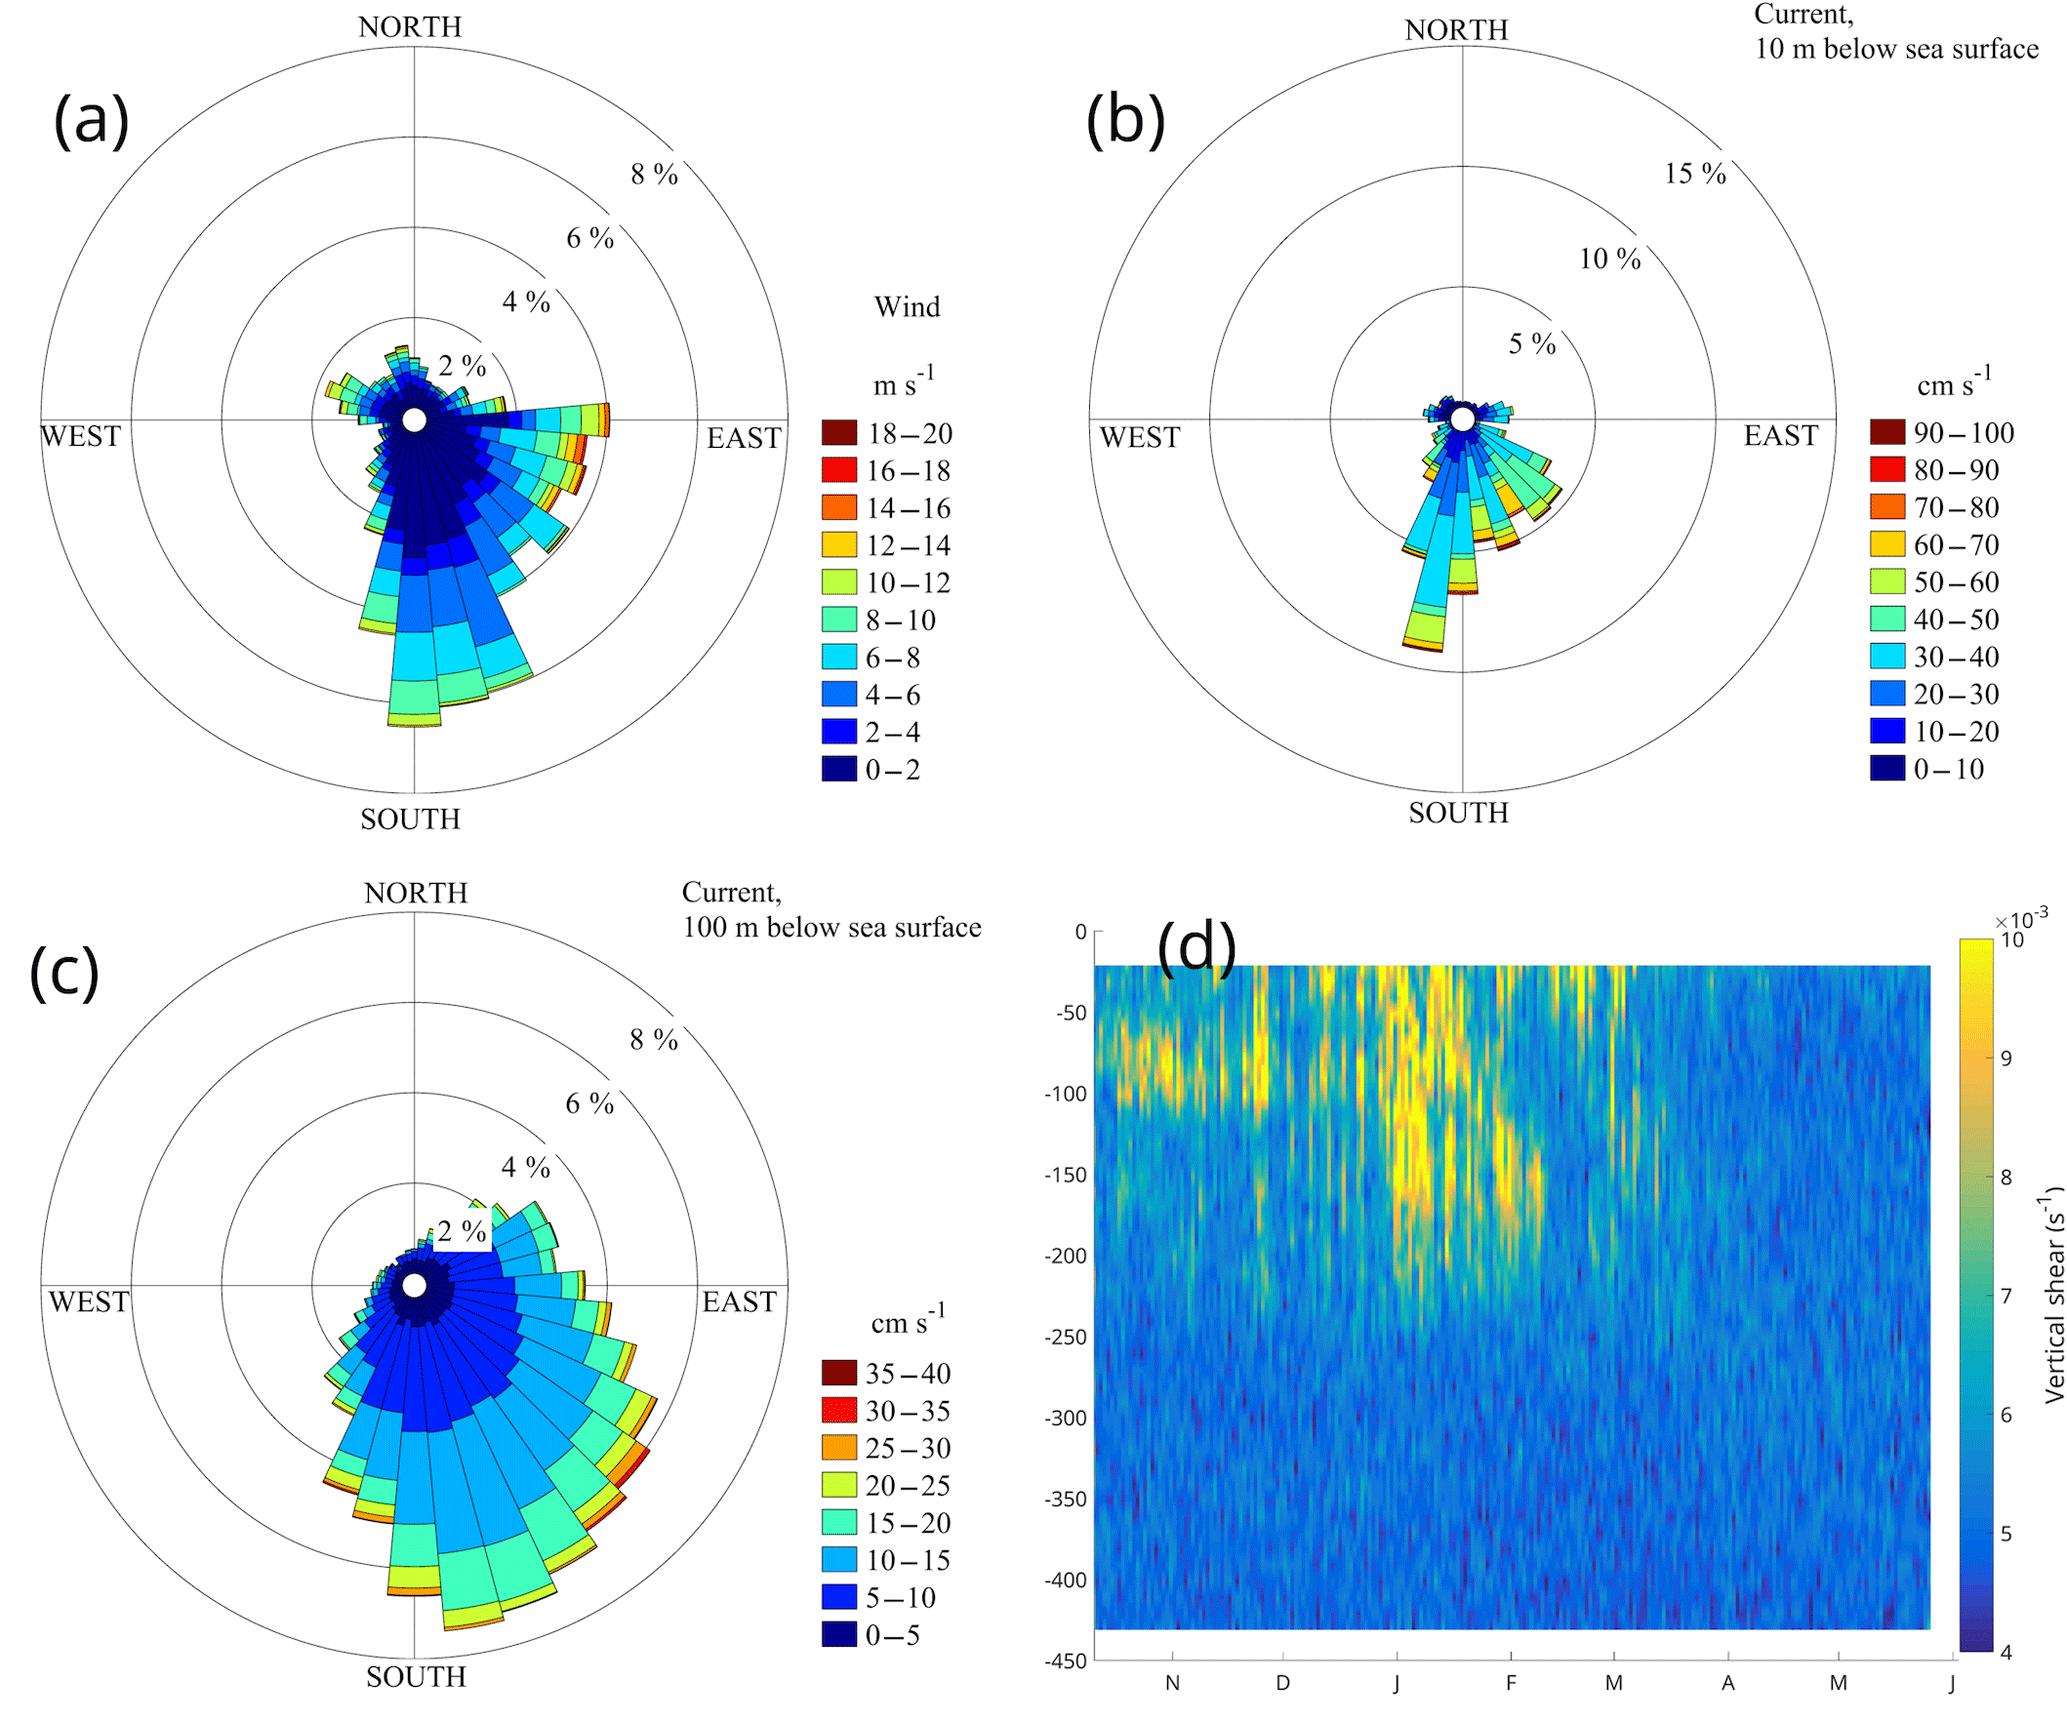 OS - Acoustic Doppler current profiler observations of migration